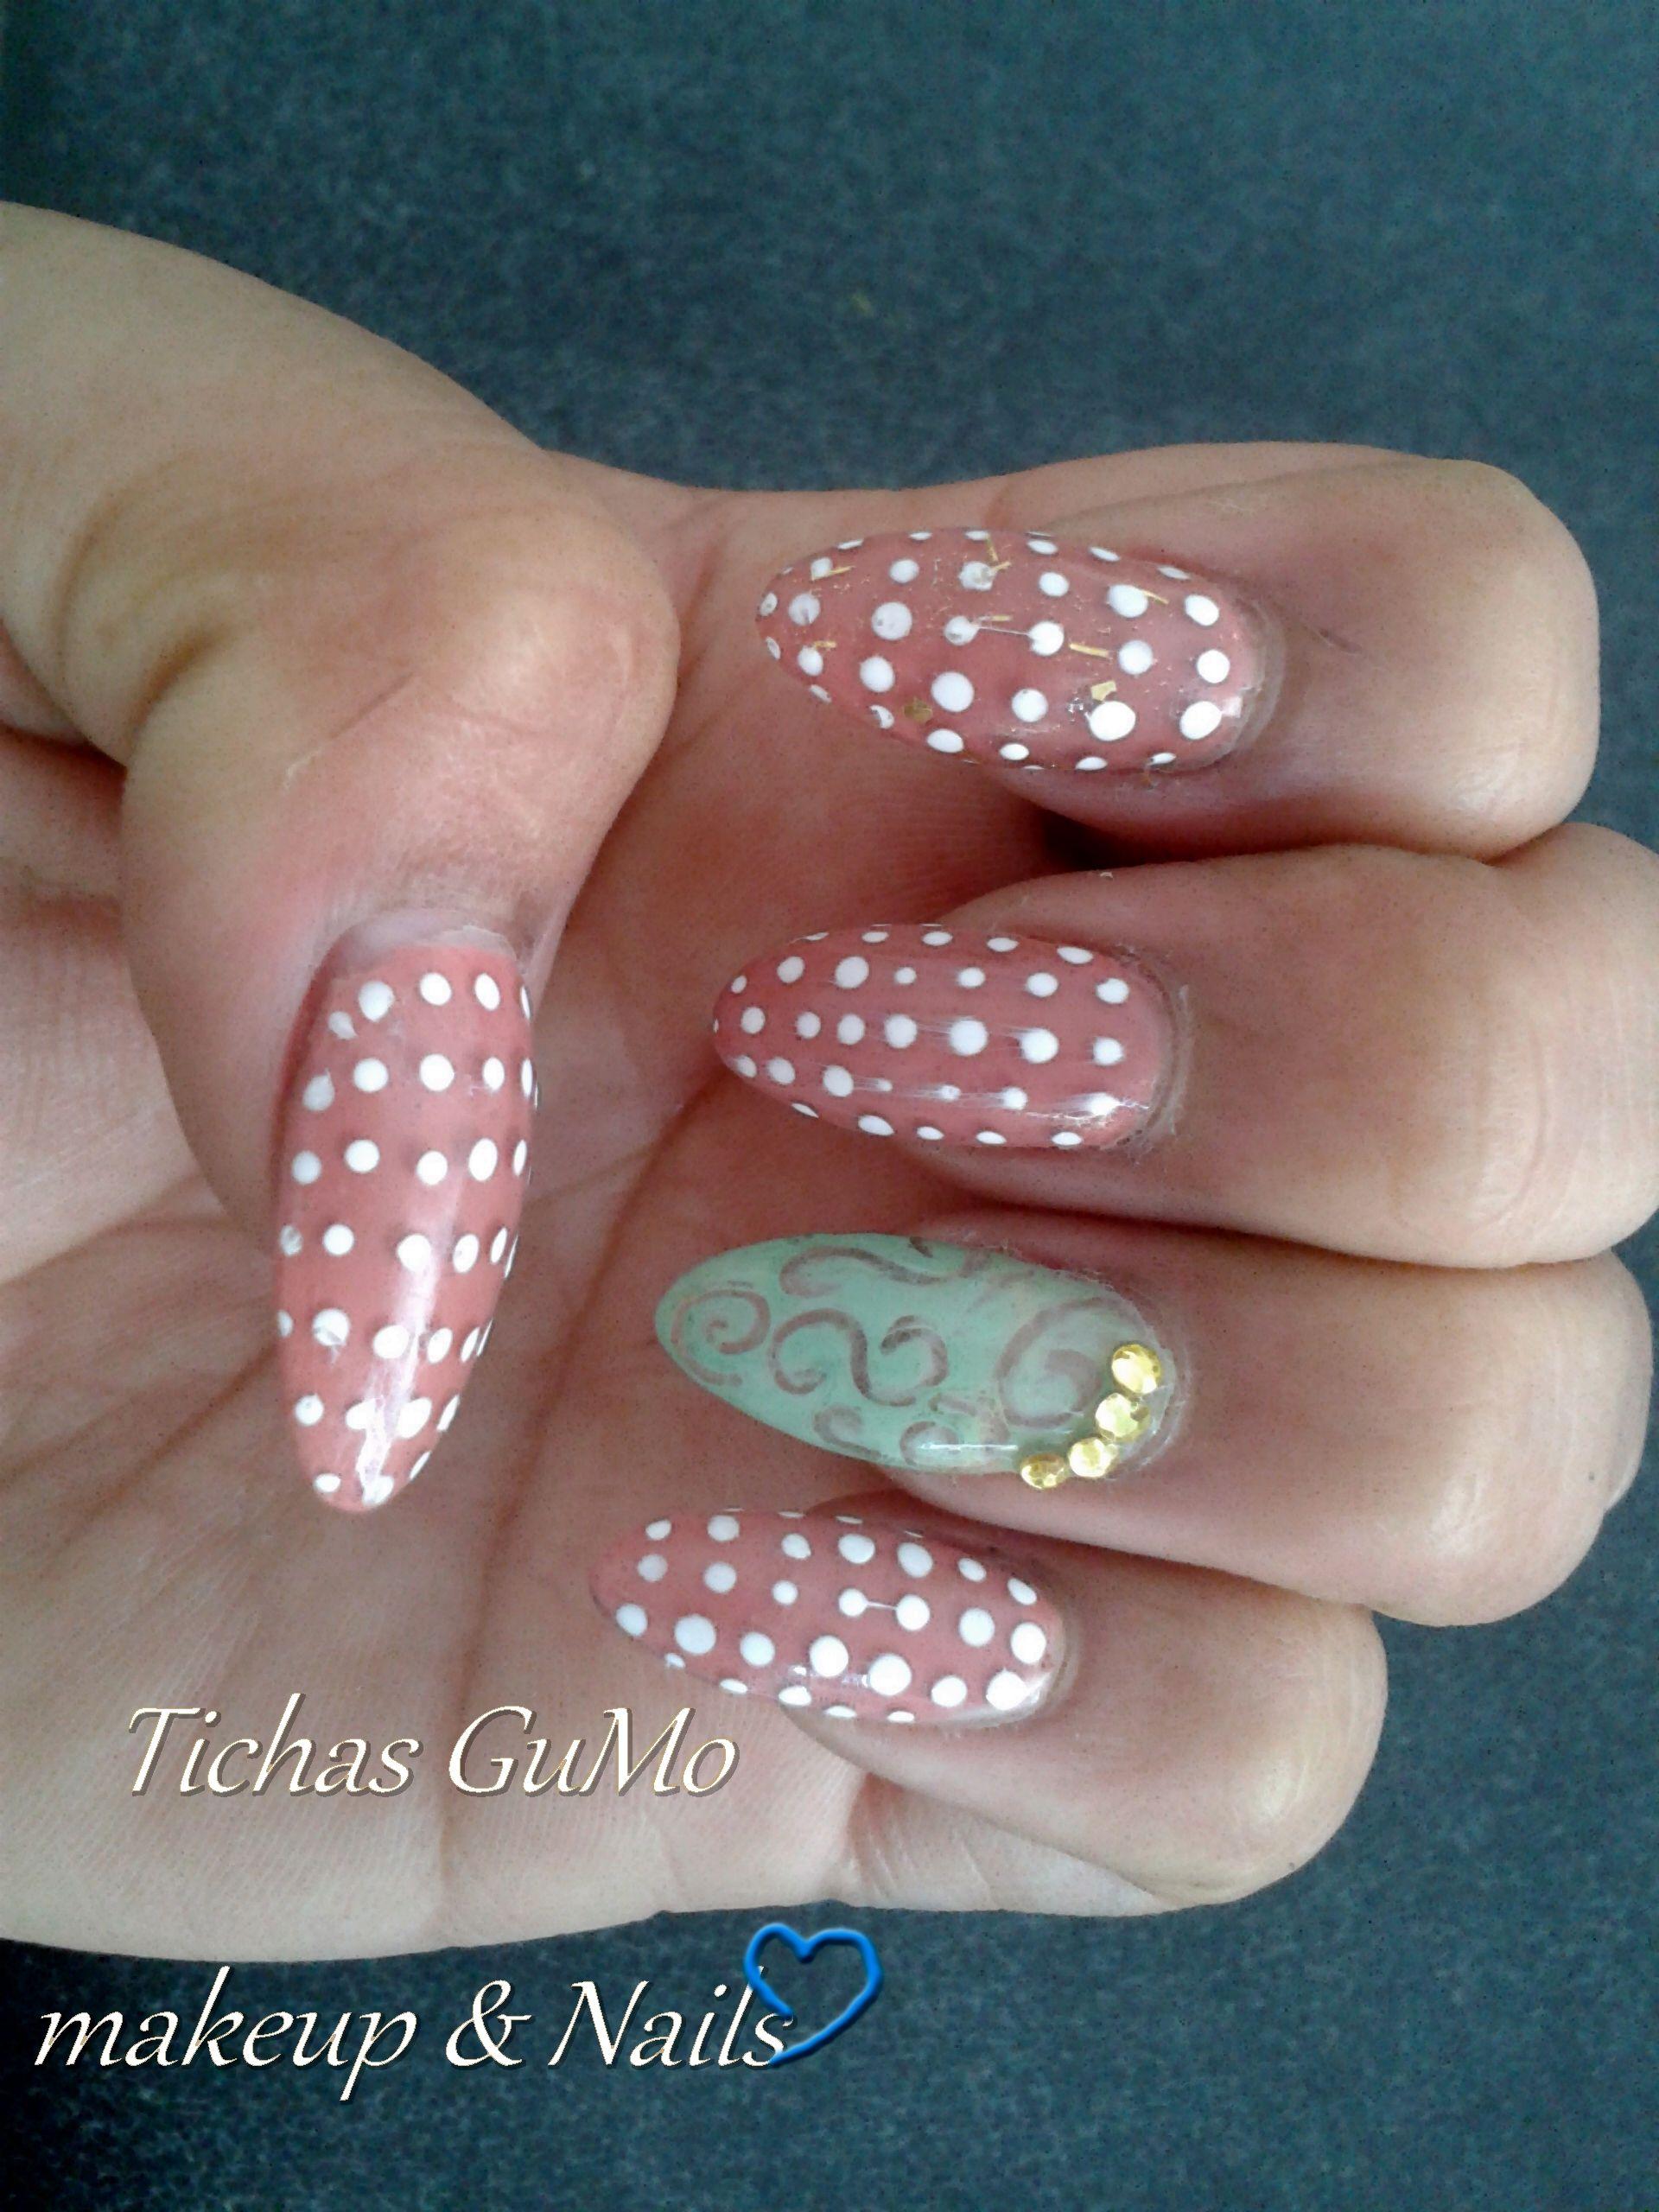 uas acrlicas con puntos y esmalte color rosa y verde agua